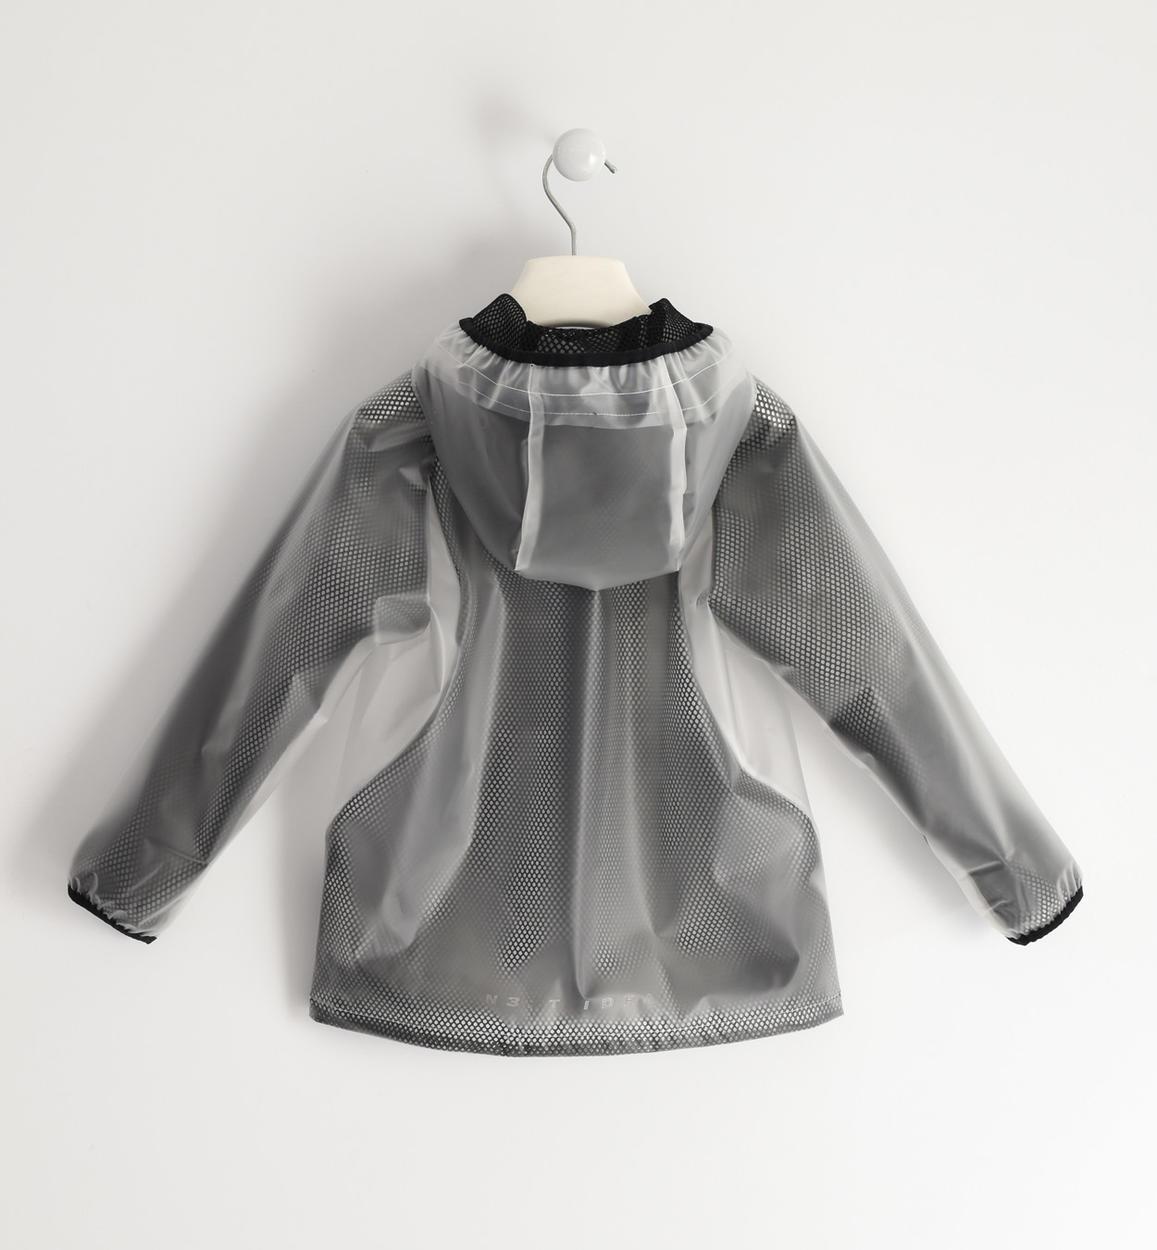 giacchetto in materiale trasparente per trasparente dettaglio 03 2744j46800 5900 150x150